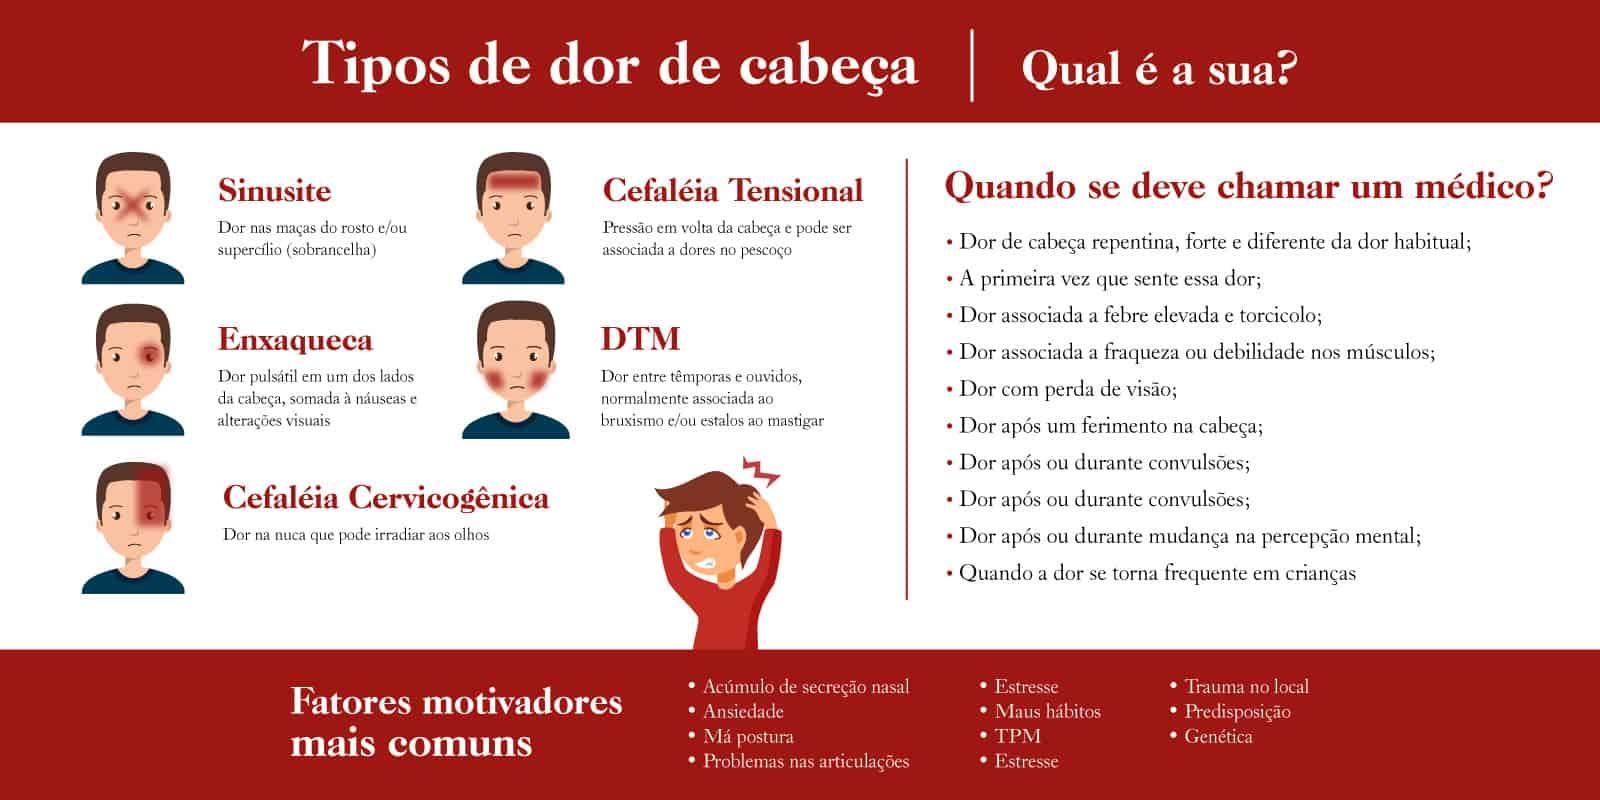 Tipos de cefaleias e dores de cabeca